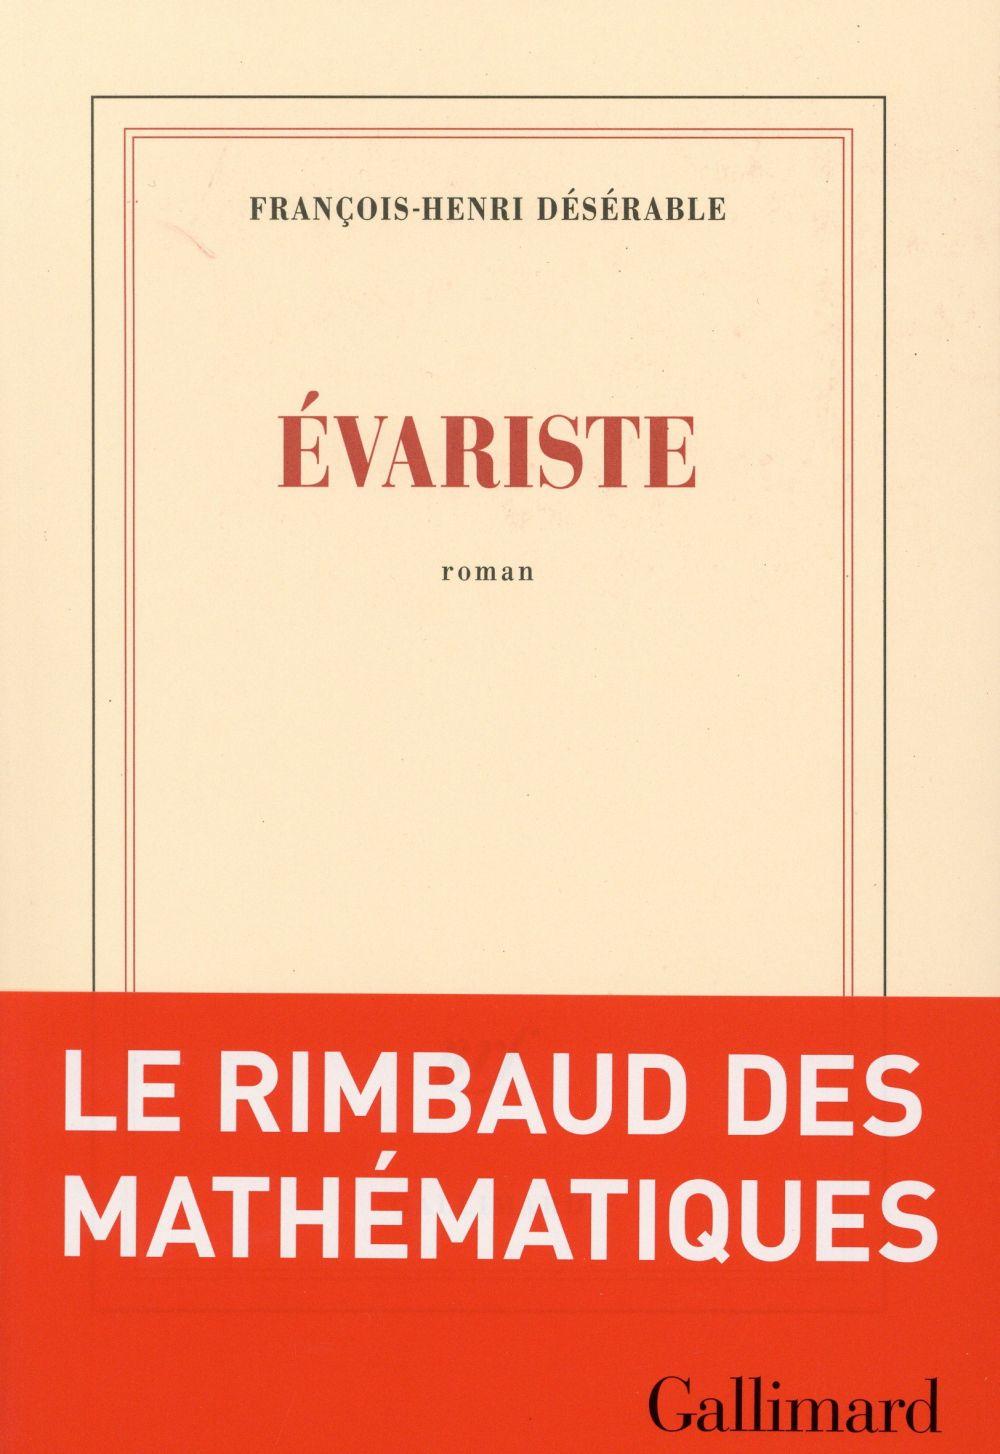 """La chronique #6 du Club des Explorateurs : """"Evariste"""" de François-Henri Désérable"""